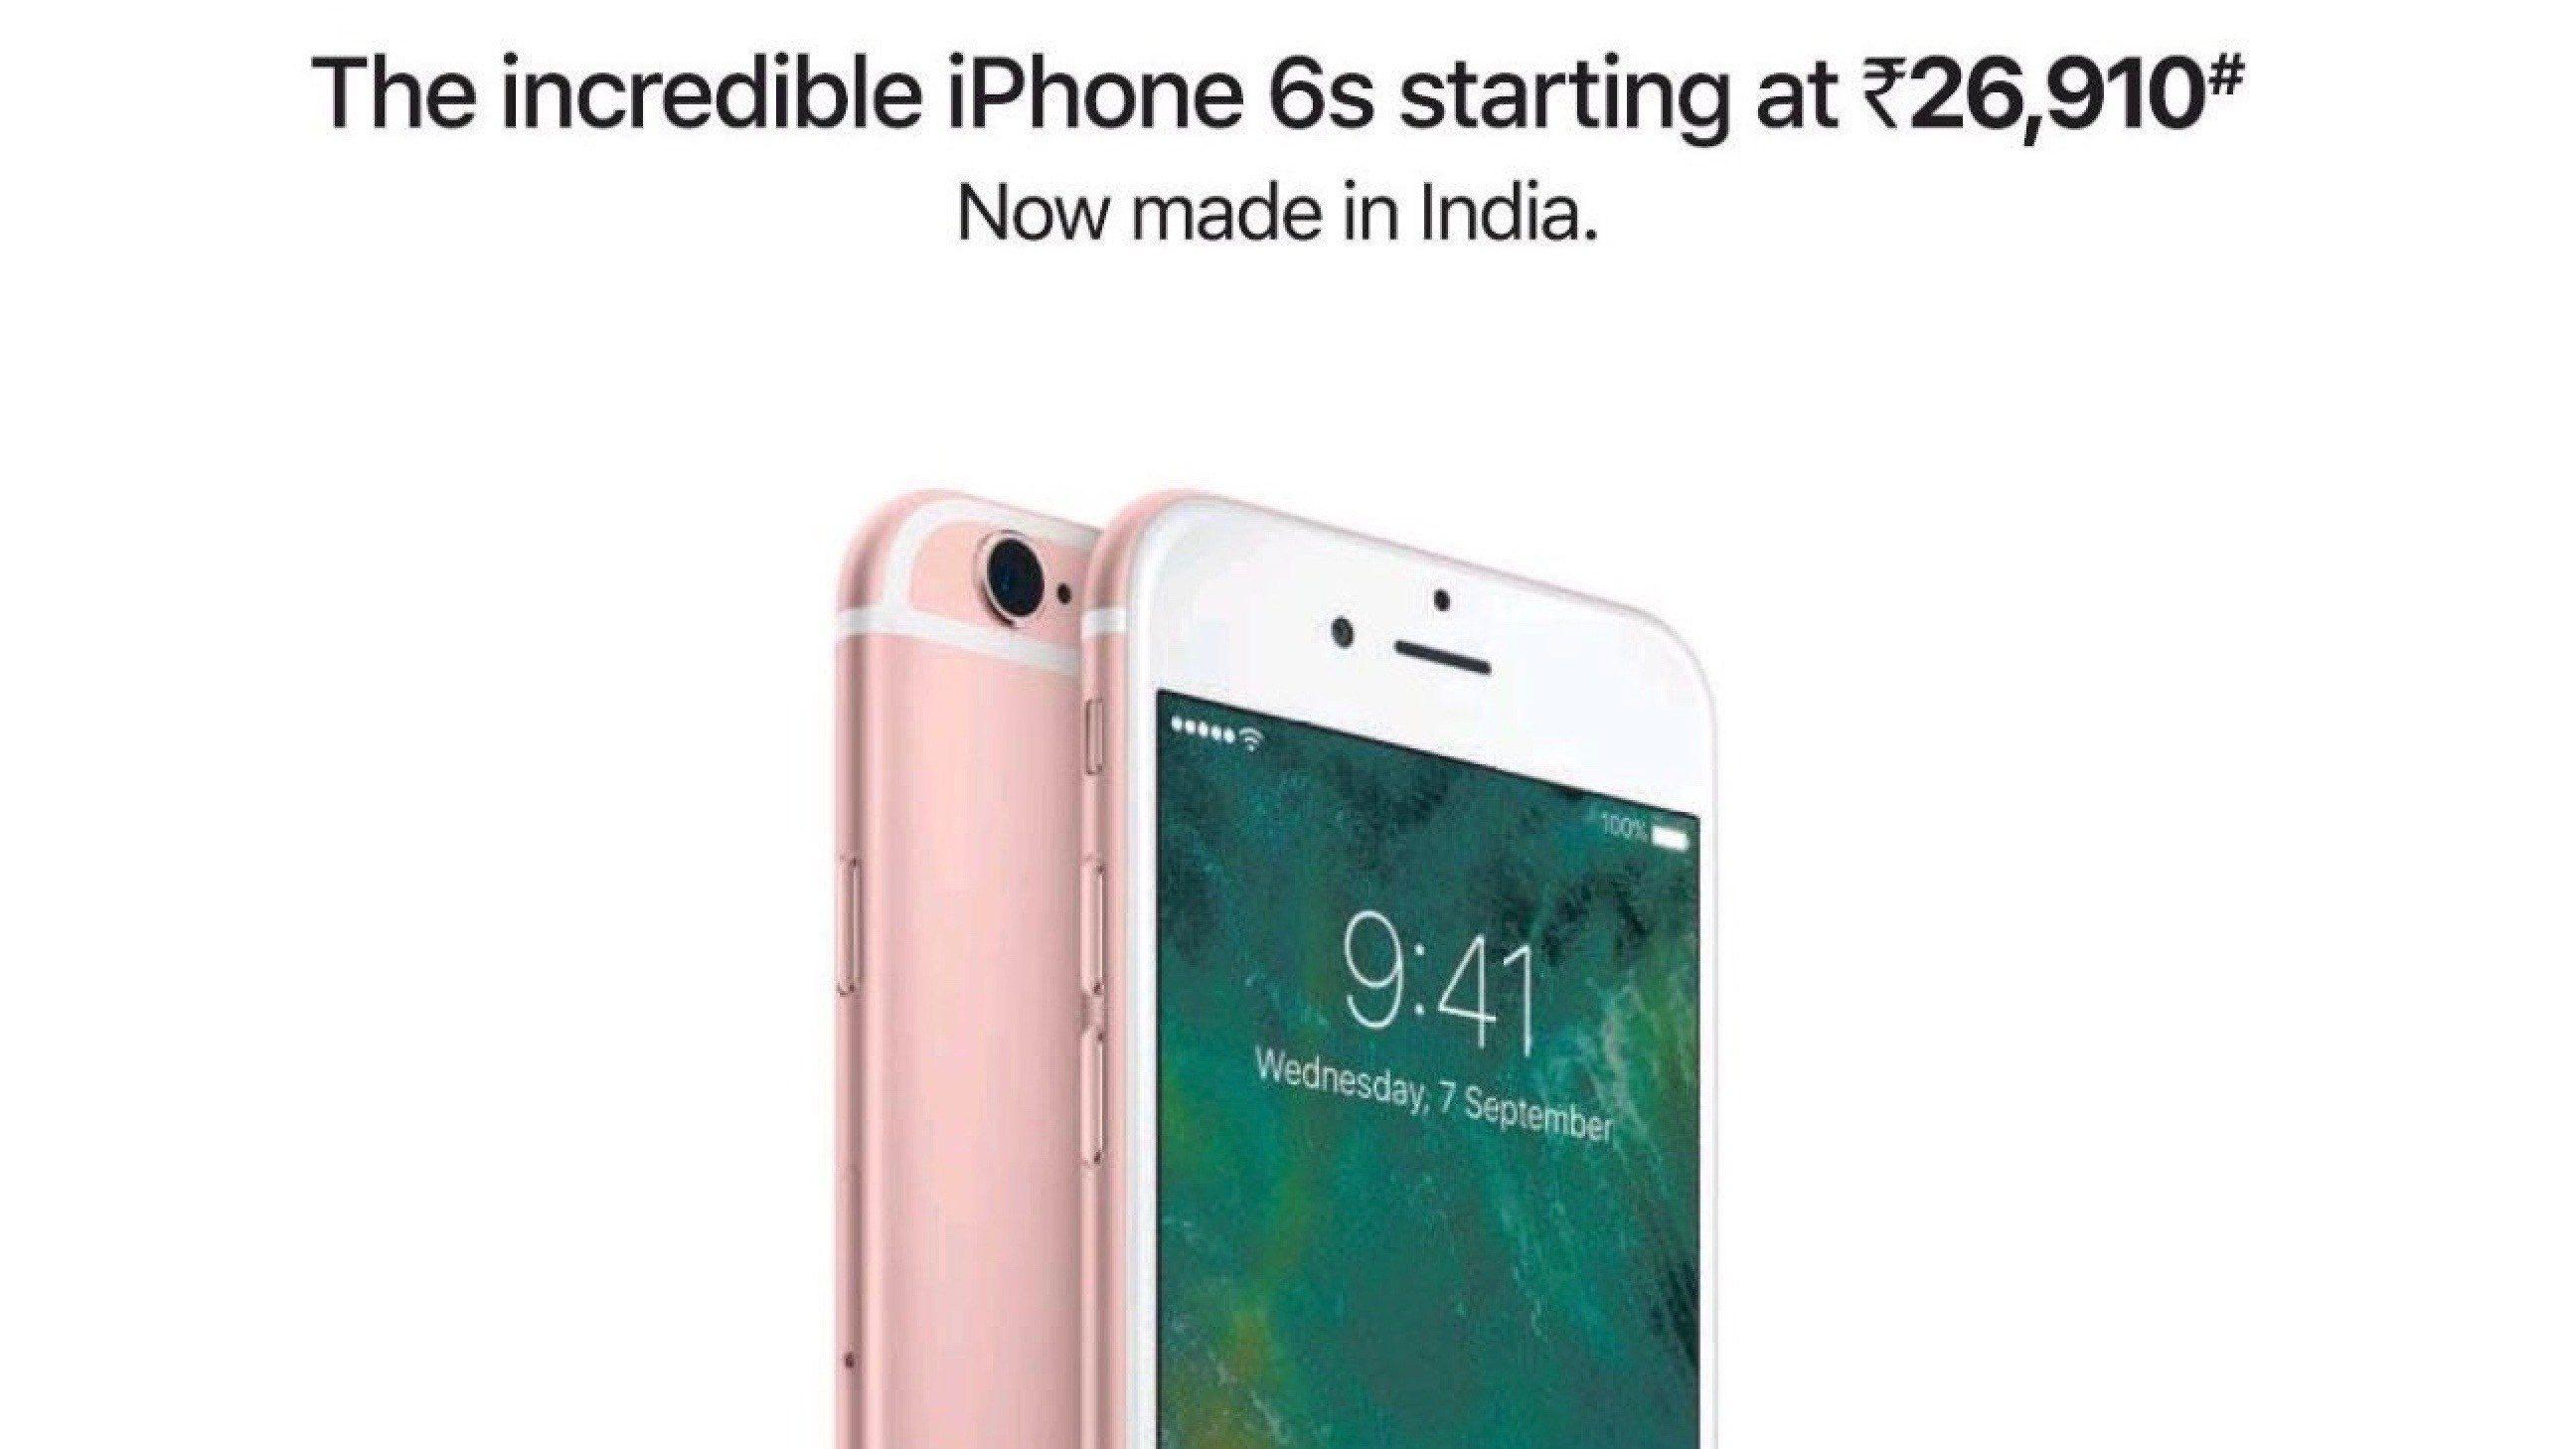 भारतमा उत्पादित आइफोन सिक्स एसको आक्रामक मार्केटिङ्ग, भारु २६ हजार ९१० मा पाईने